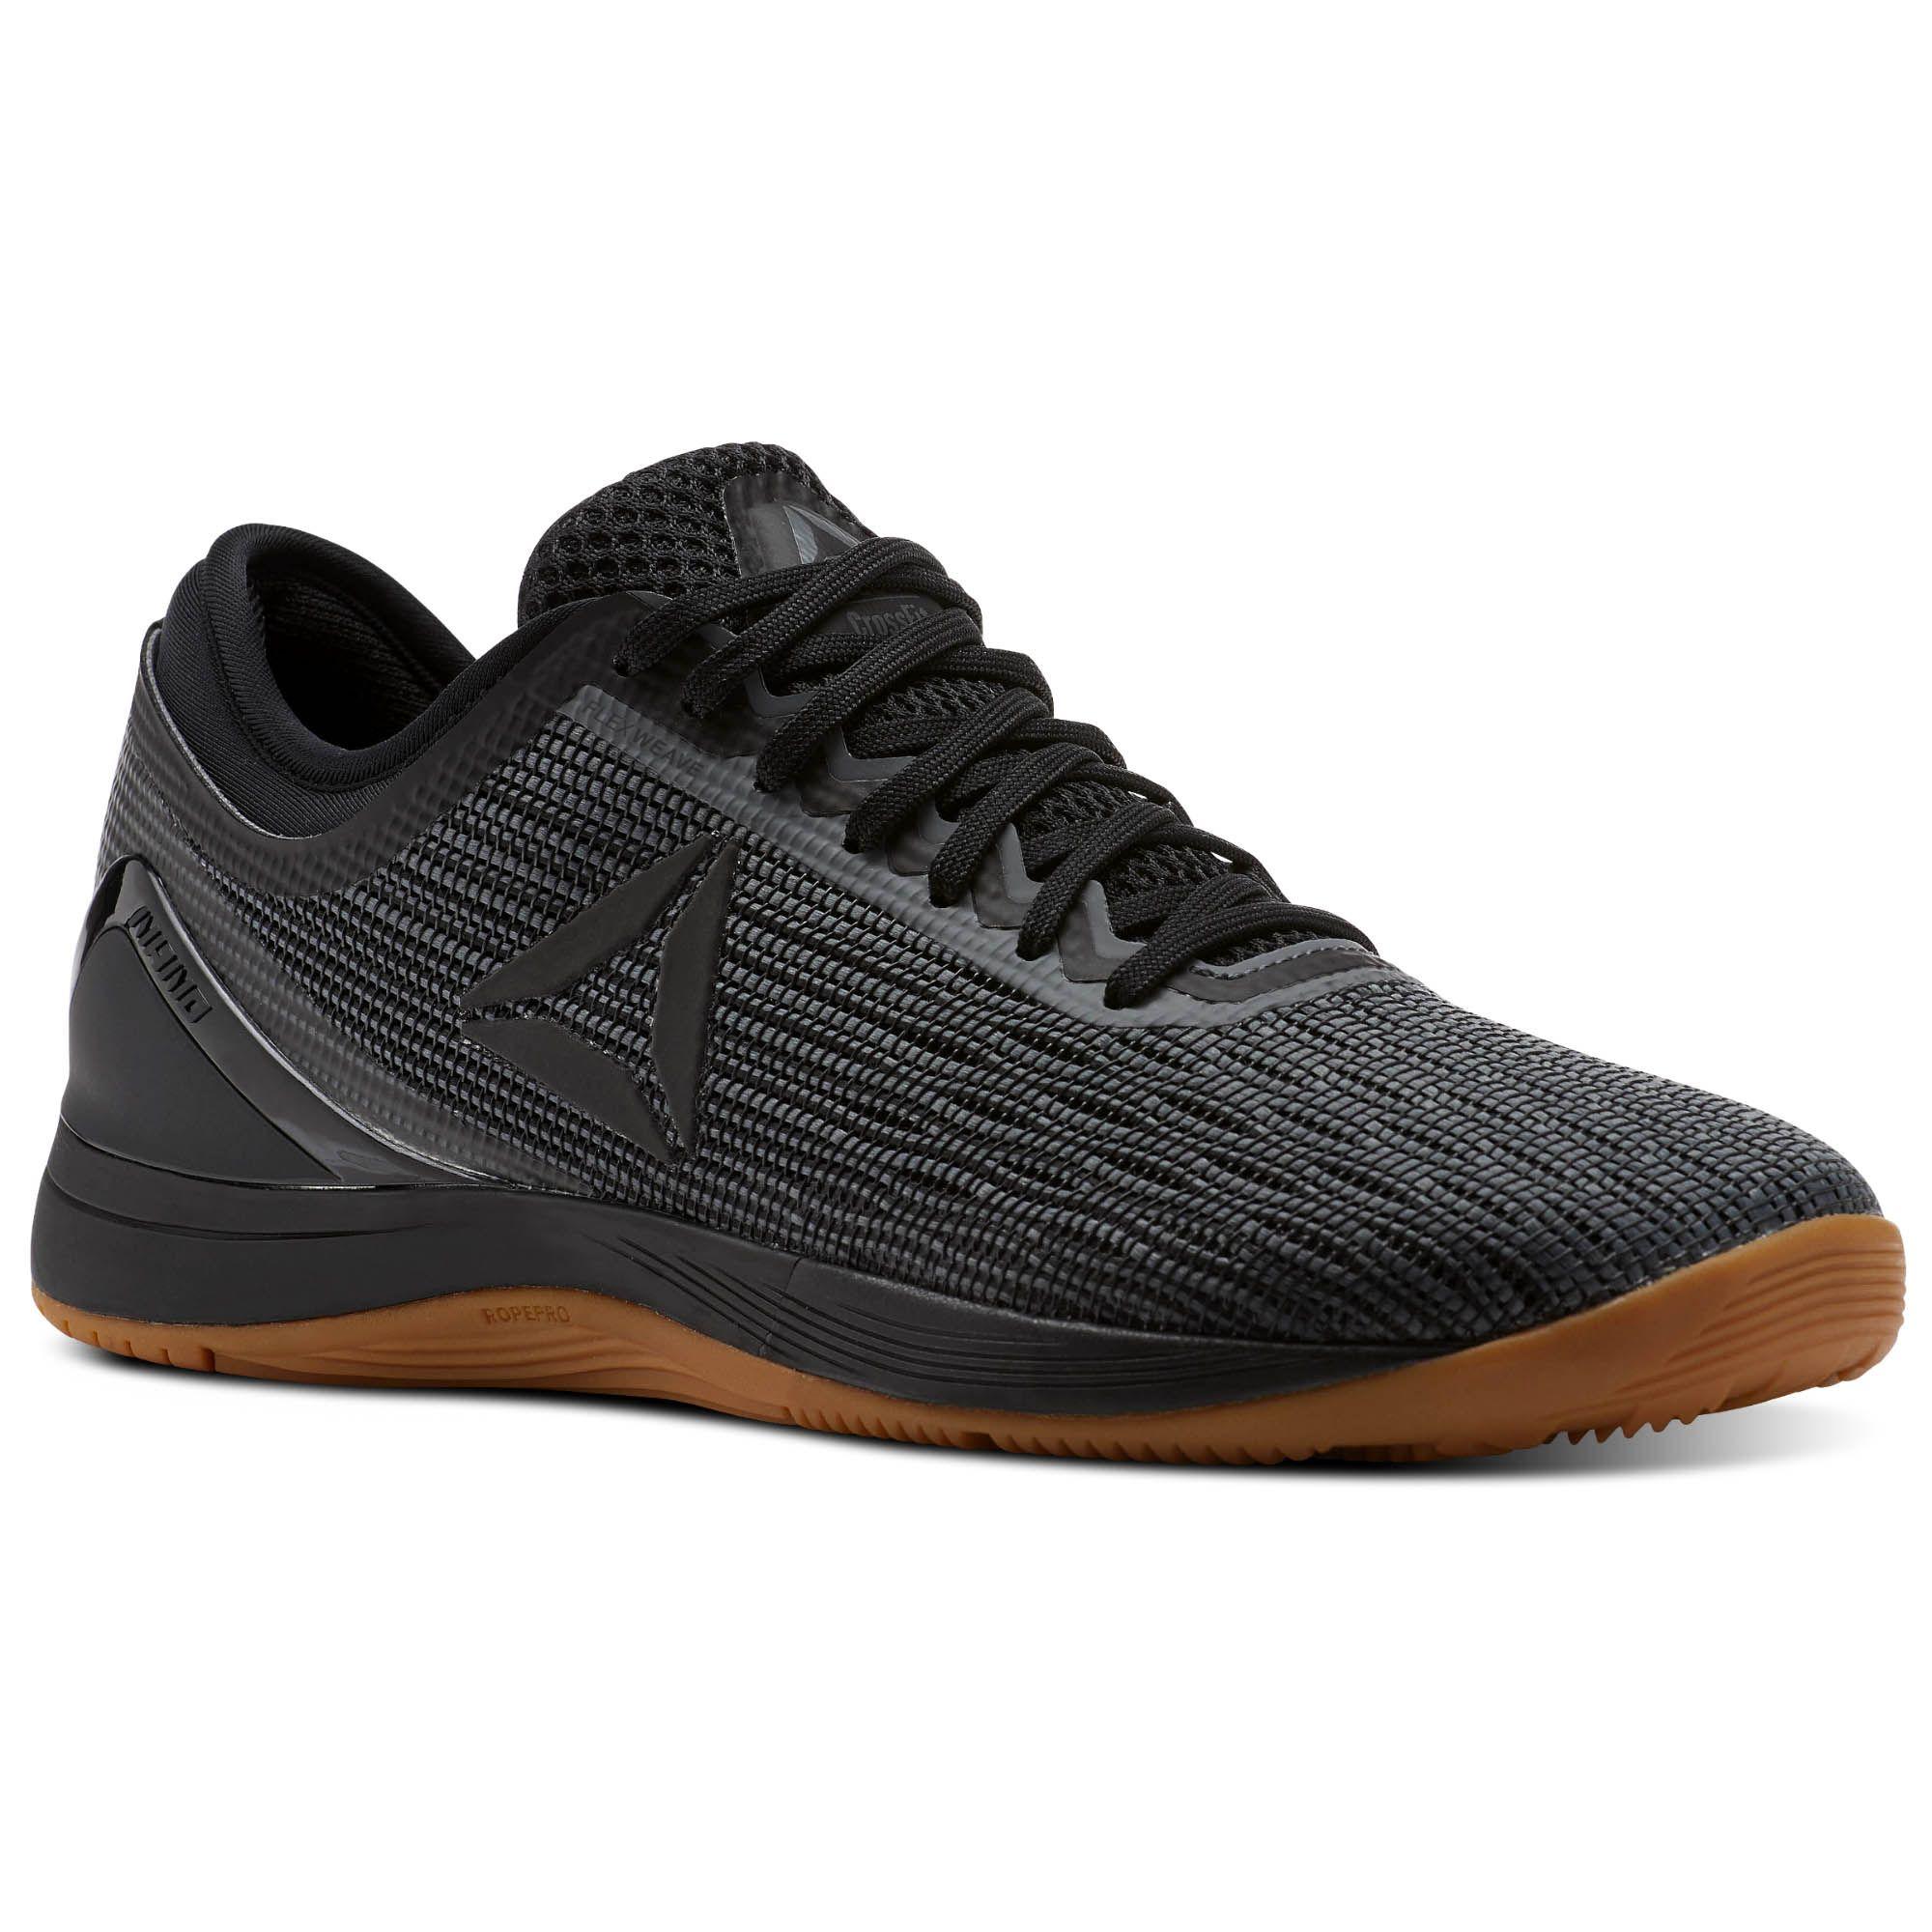 de ahora en adelante Comprimir Hacer  Reebok Nano 8 Flexweave® Women's Shoes - Black | Reebok US | Reebok shoes  women, Crossfit shoes, Reebok crossfit nano